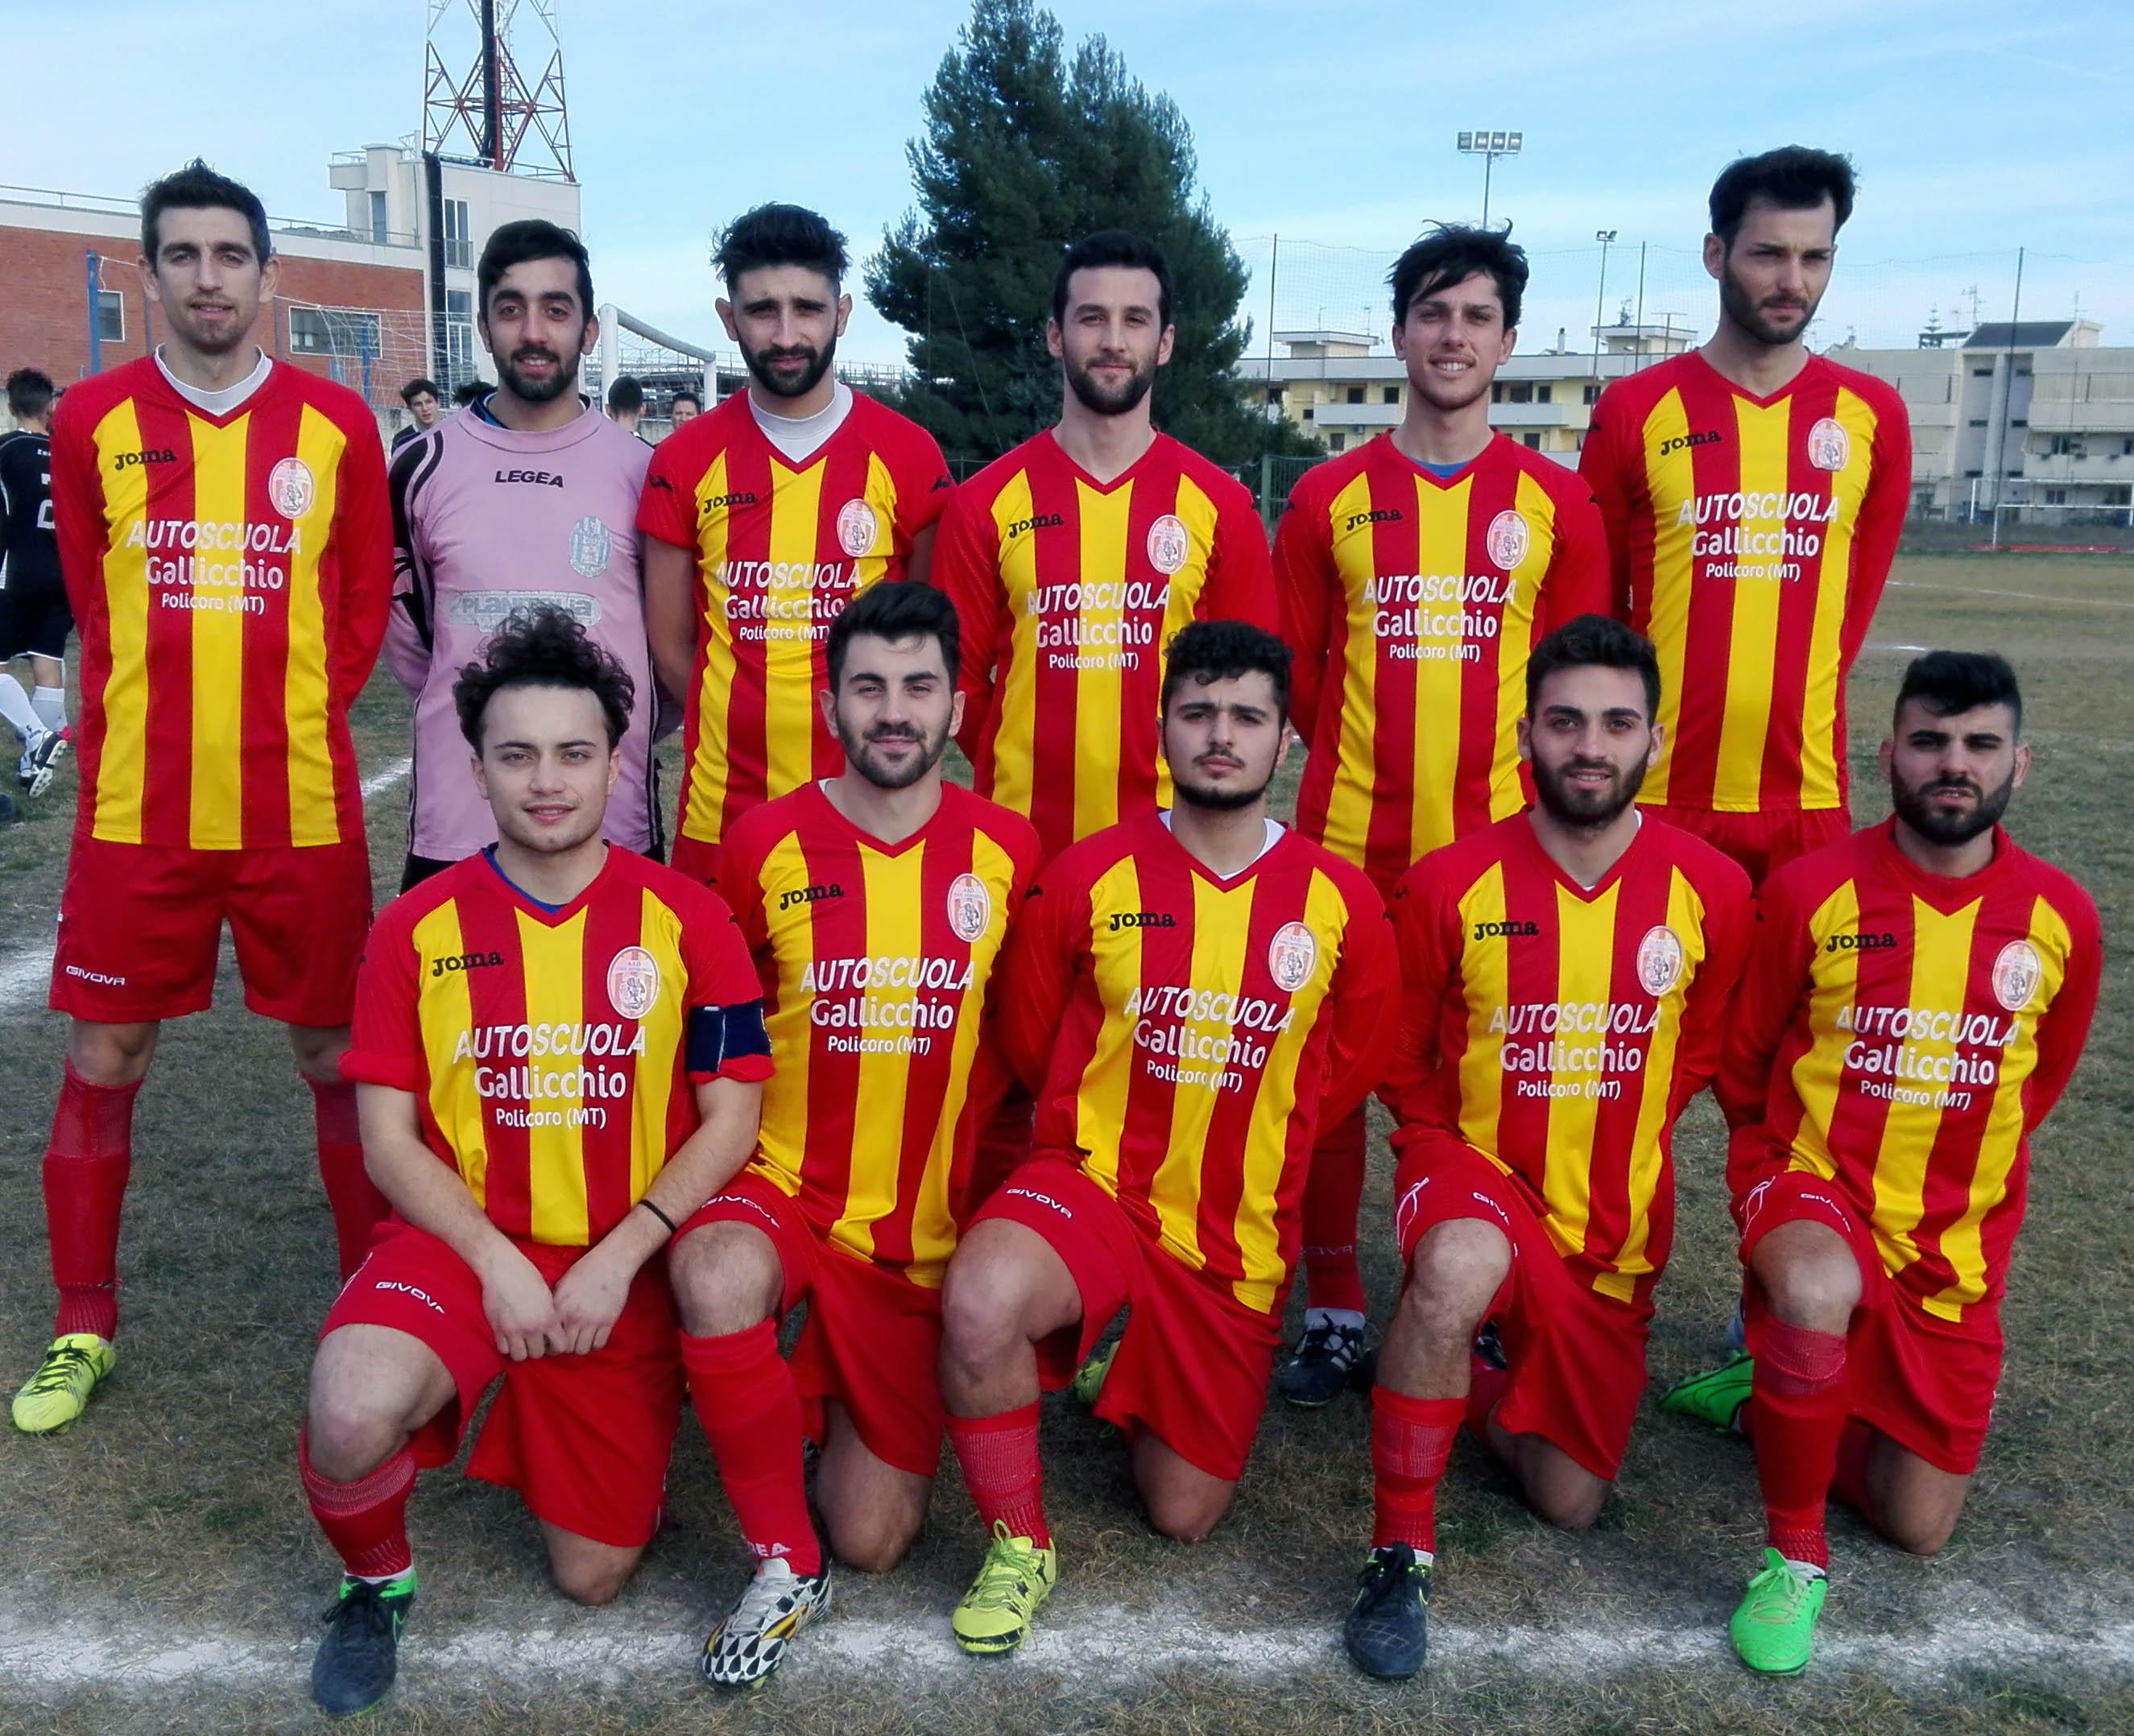 Terza di Promozione, a Scanzano J. la partita Tursi Rotondella - Miglionico